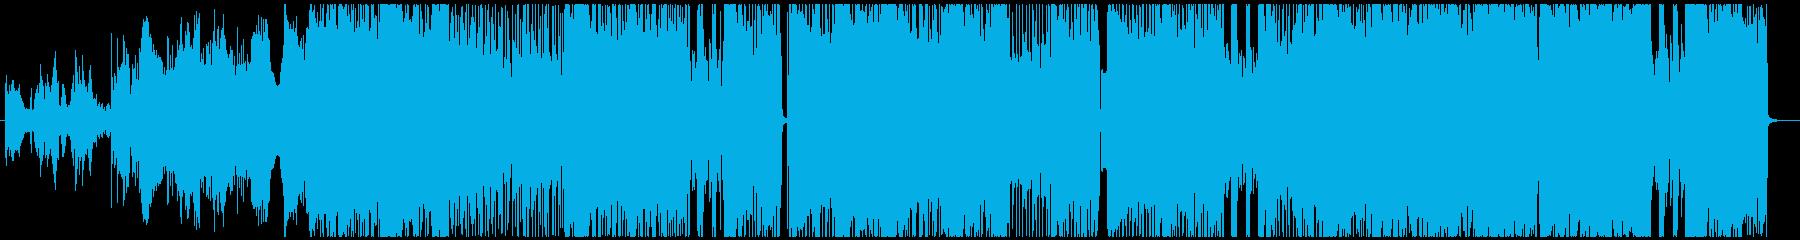 エスニック調なダークロックの再生済みの波形